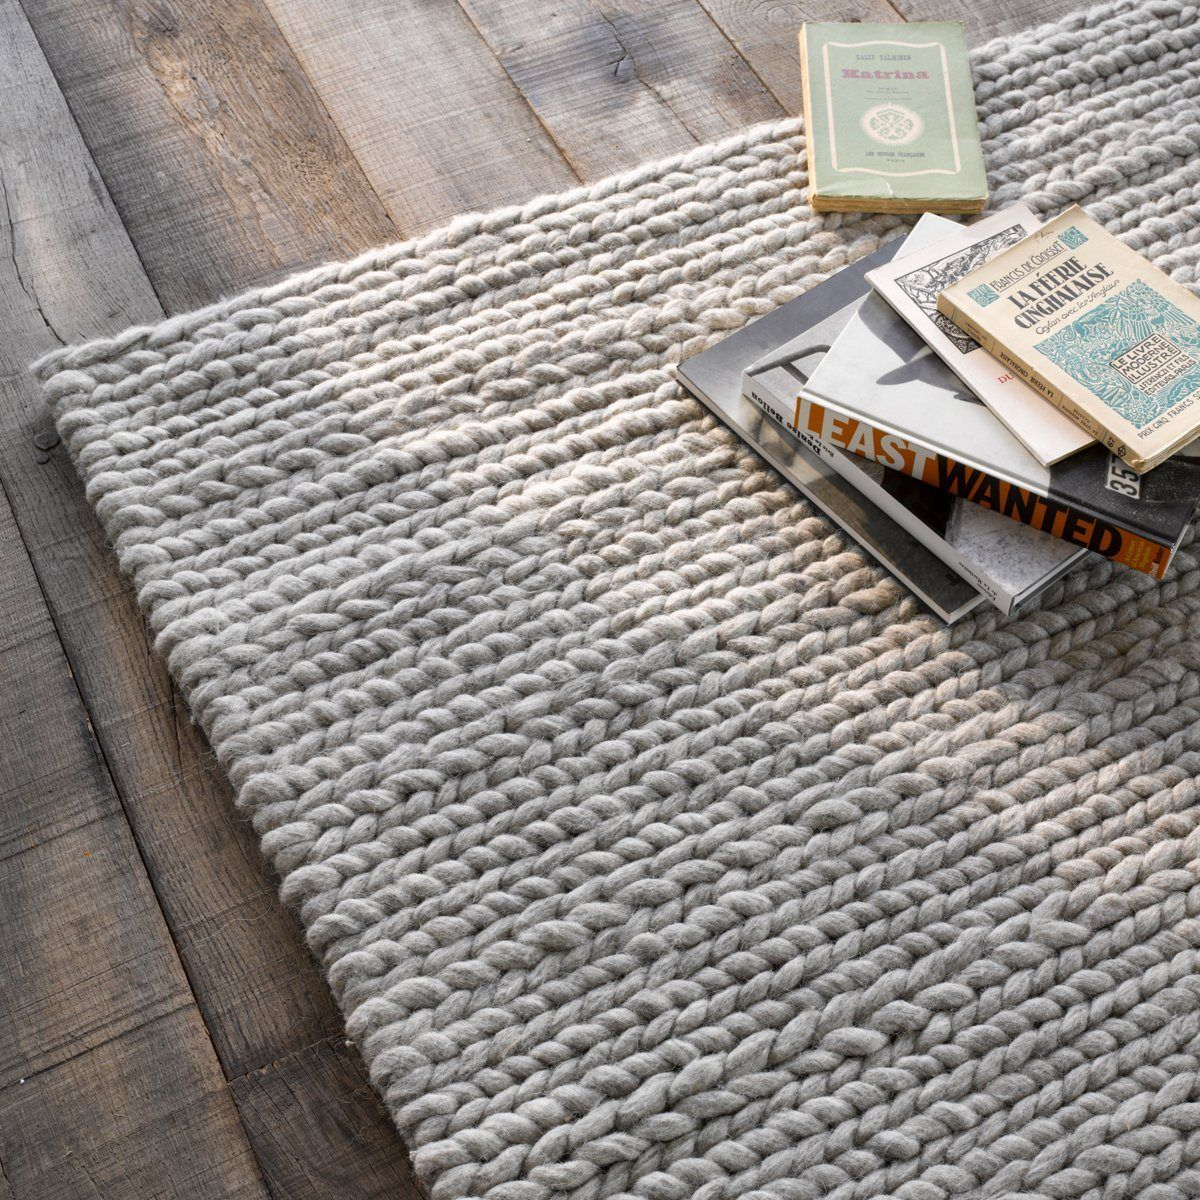 Tapis laine effet maille tress e la redoute a gusto - La redoute alfombras ...